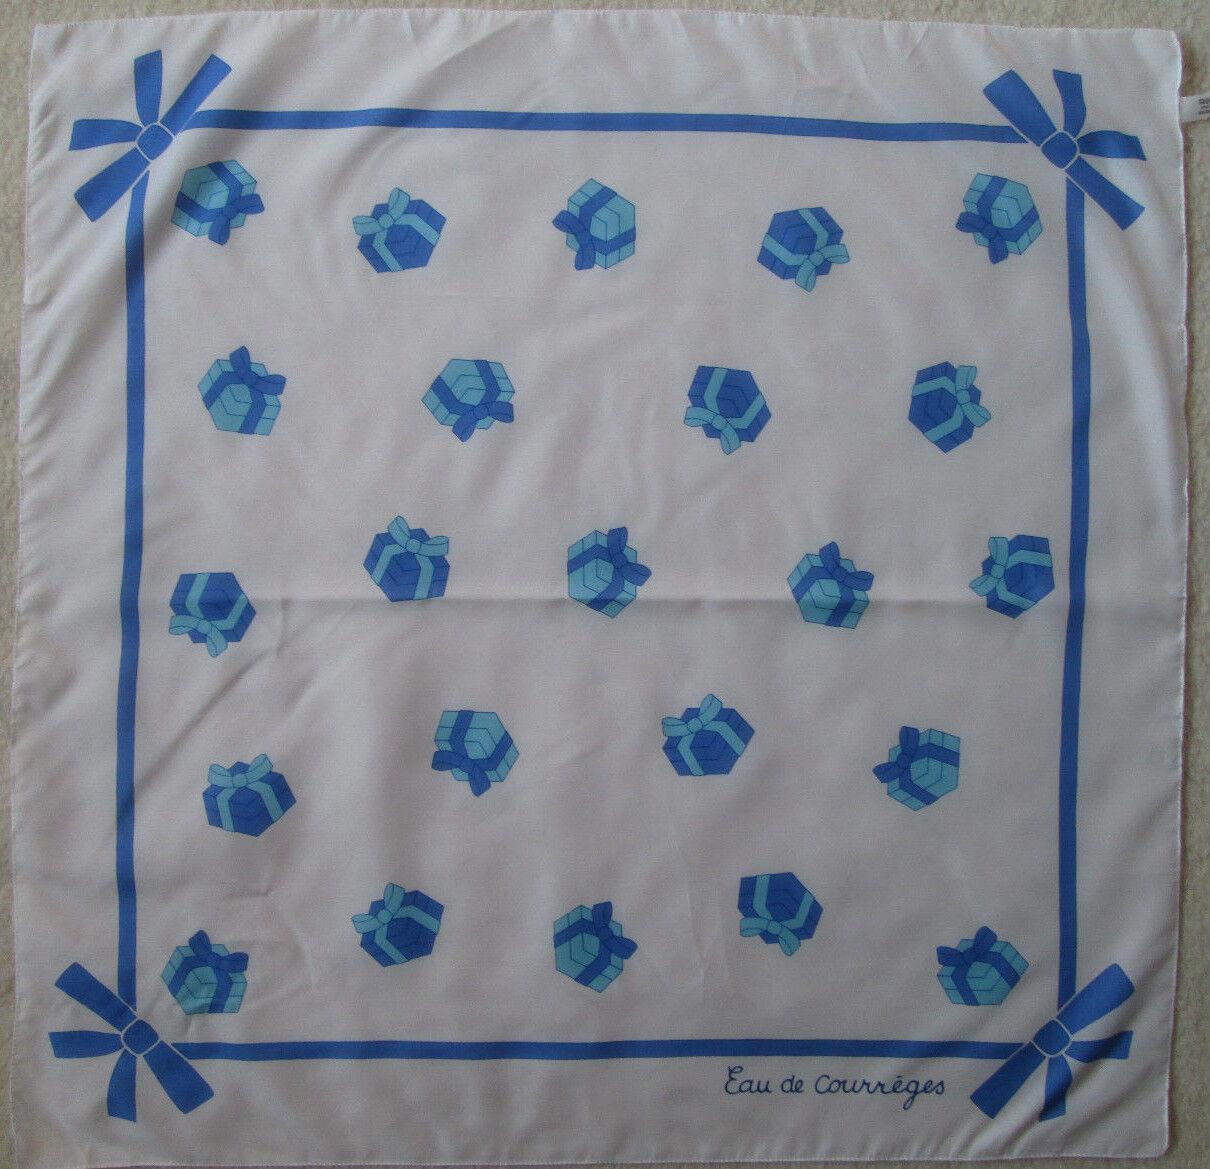 - superb scarf eau de courreges polyester tbeg vintage 70 x 70 cm